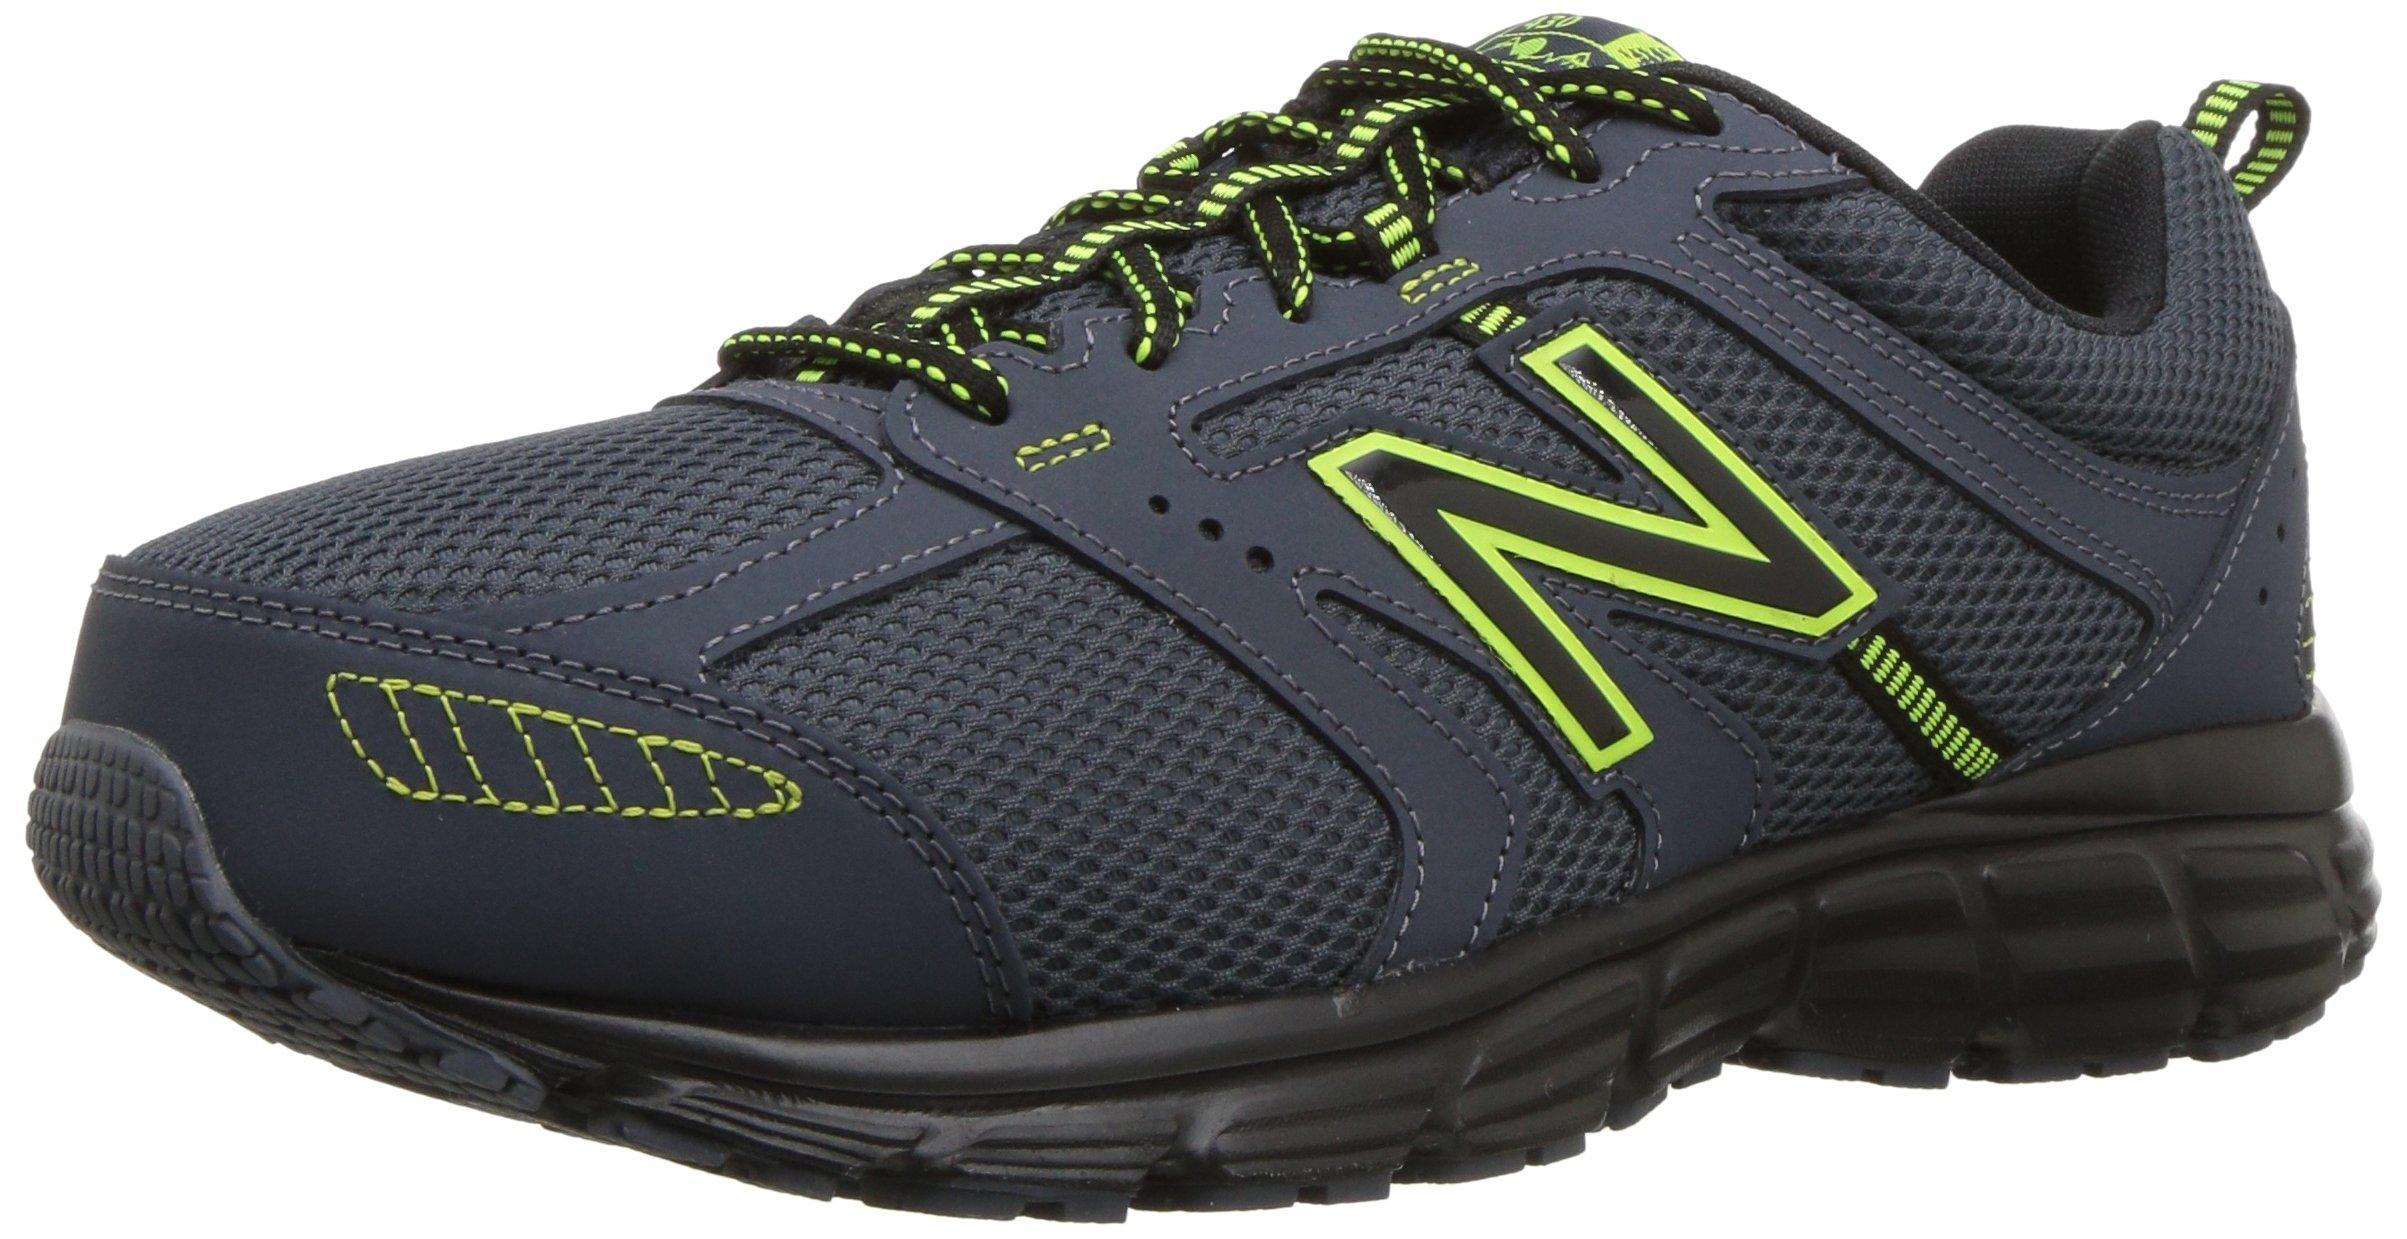 New Balance Rubber 430 V1 Running Shoe in Black for Men - Lyst